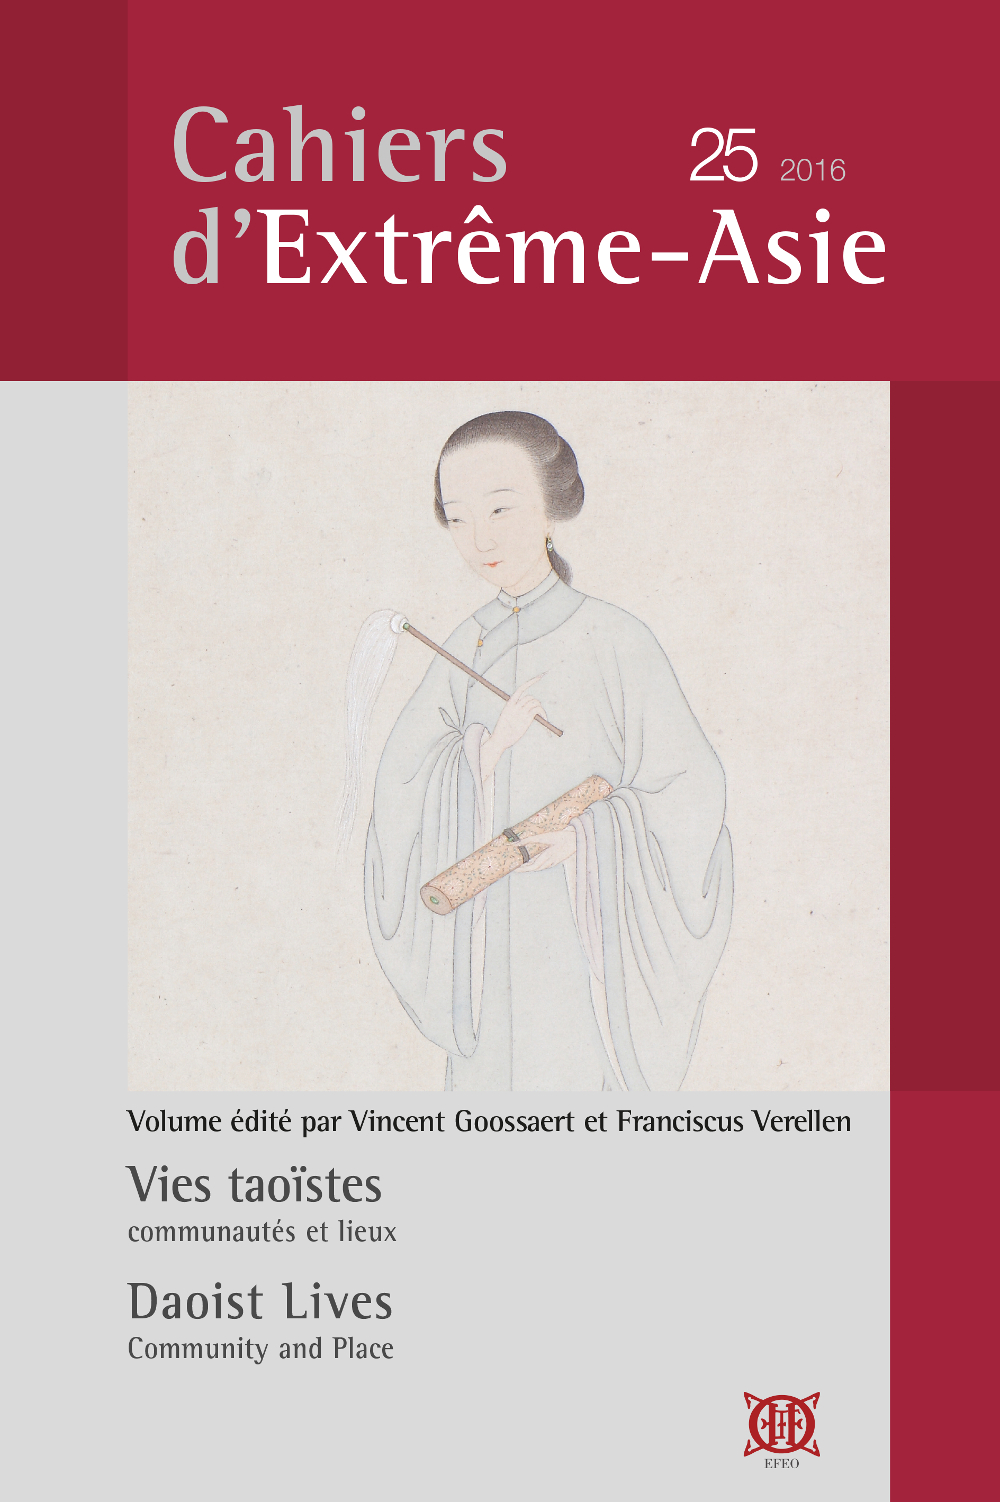 Cahiers d'Extrême-Asie 25 (2016)